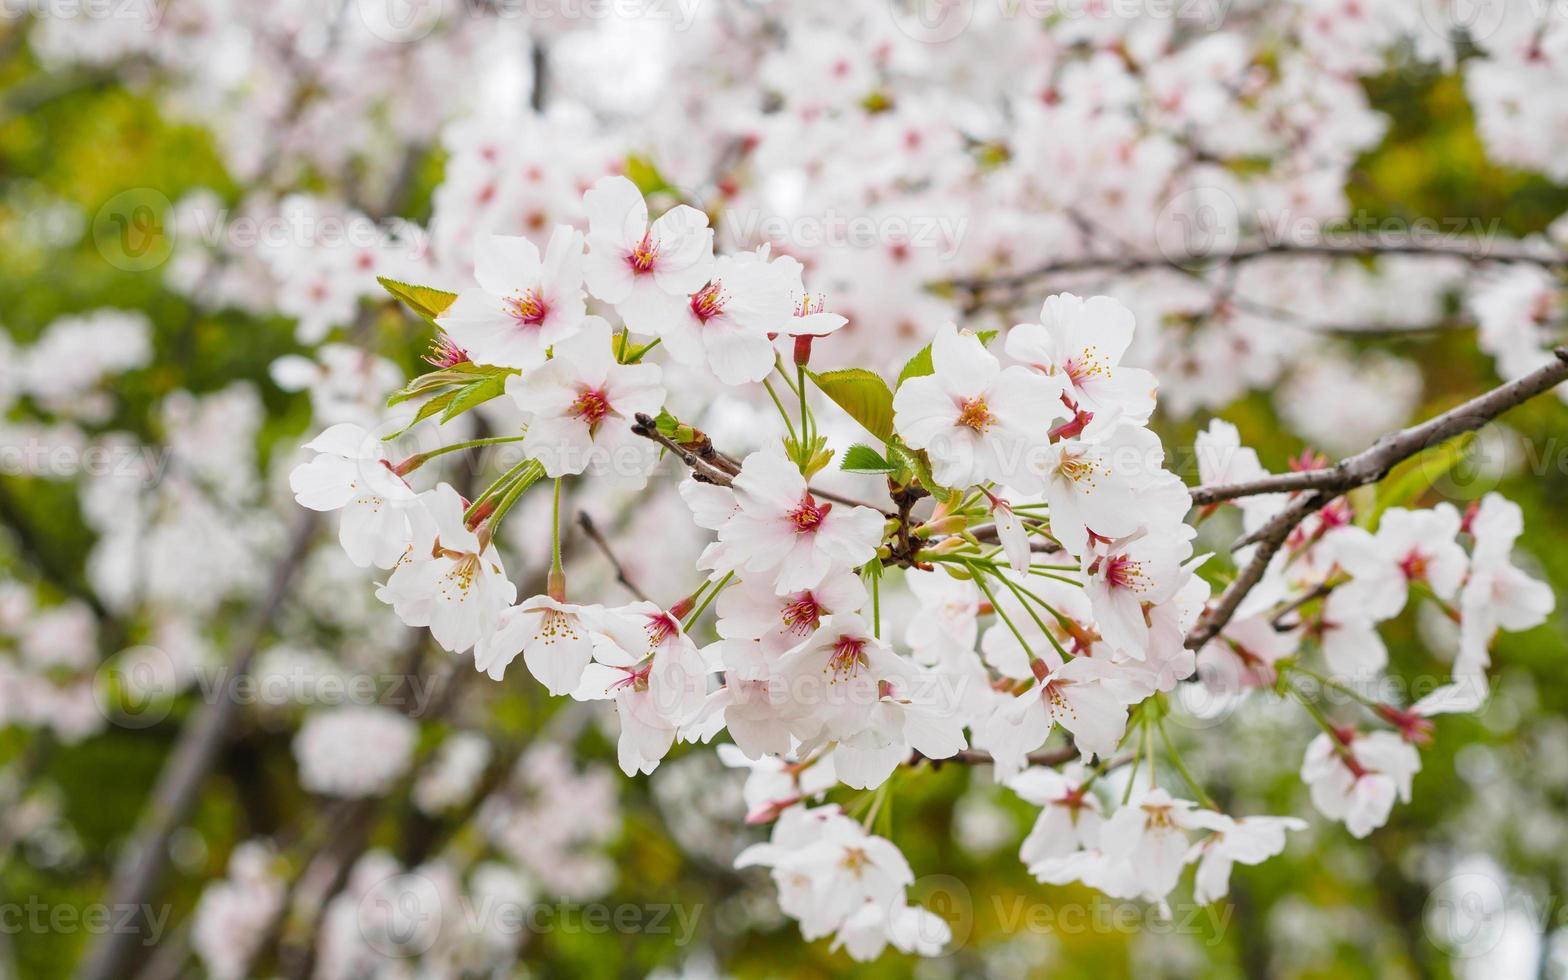 Beautiful Cherry blossom , pink sakura flowers photo